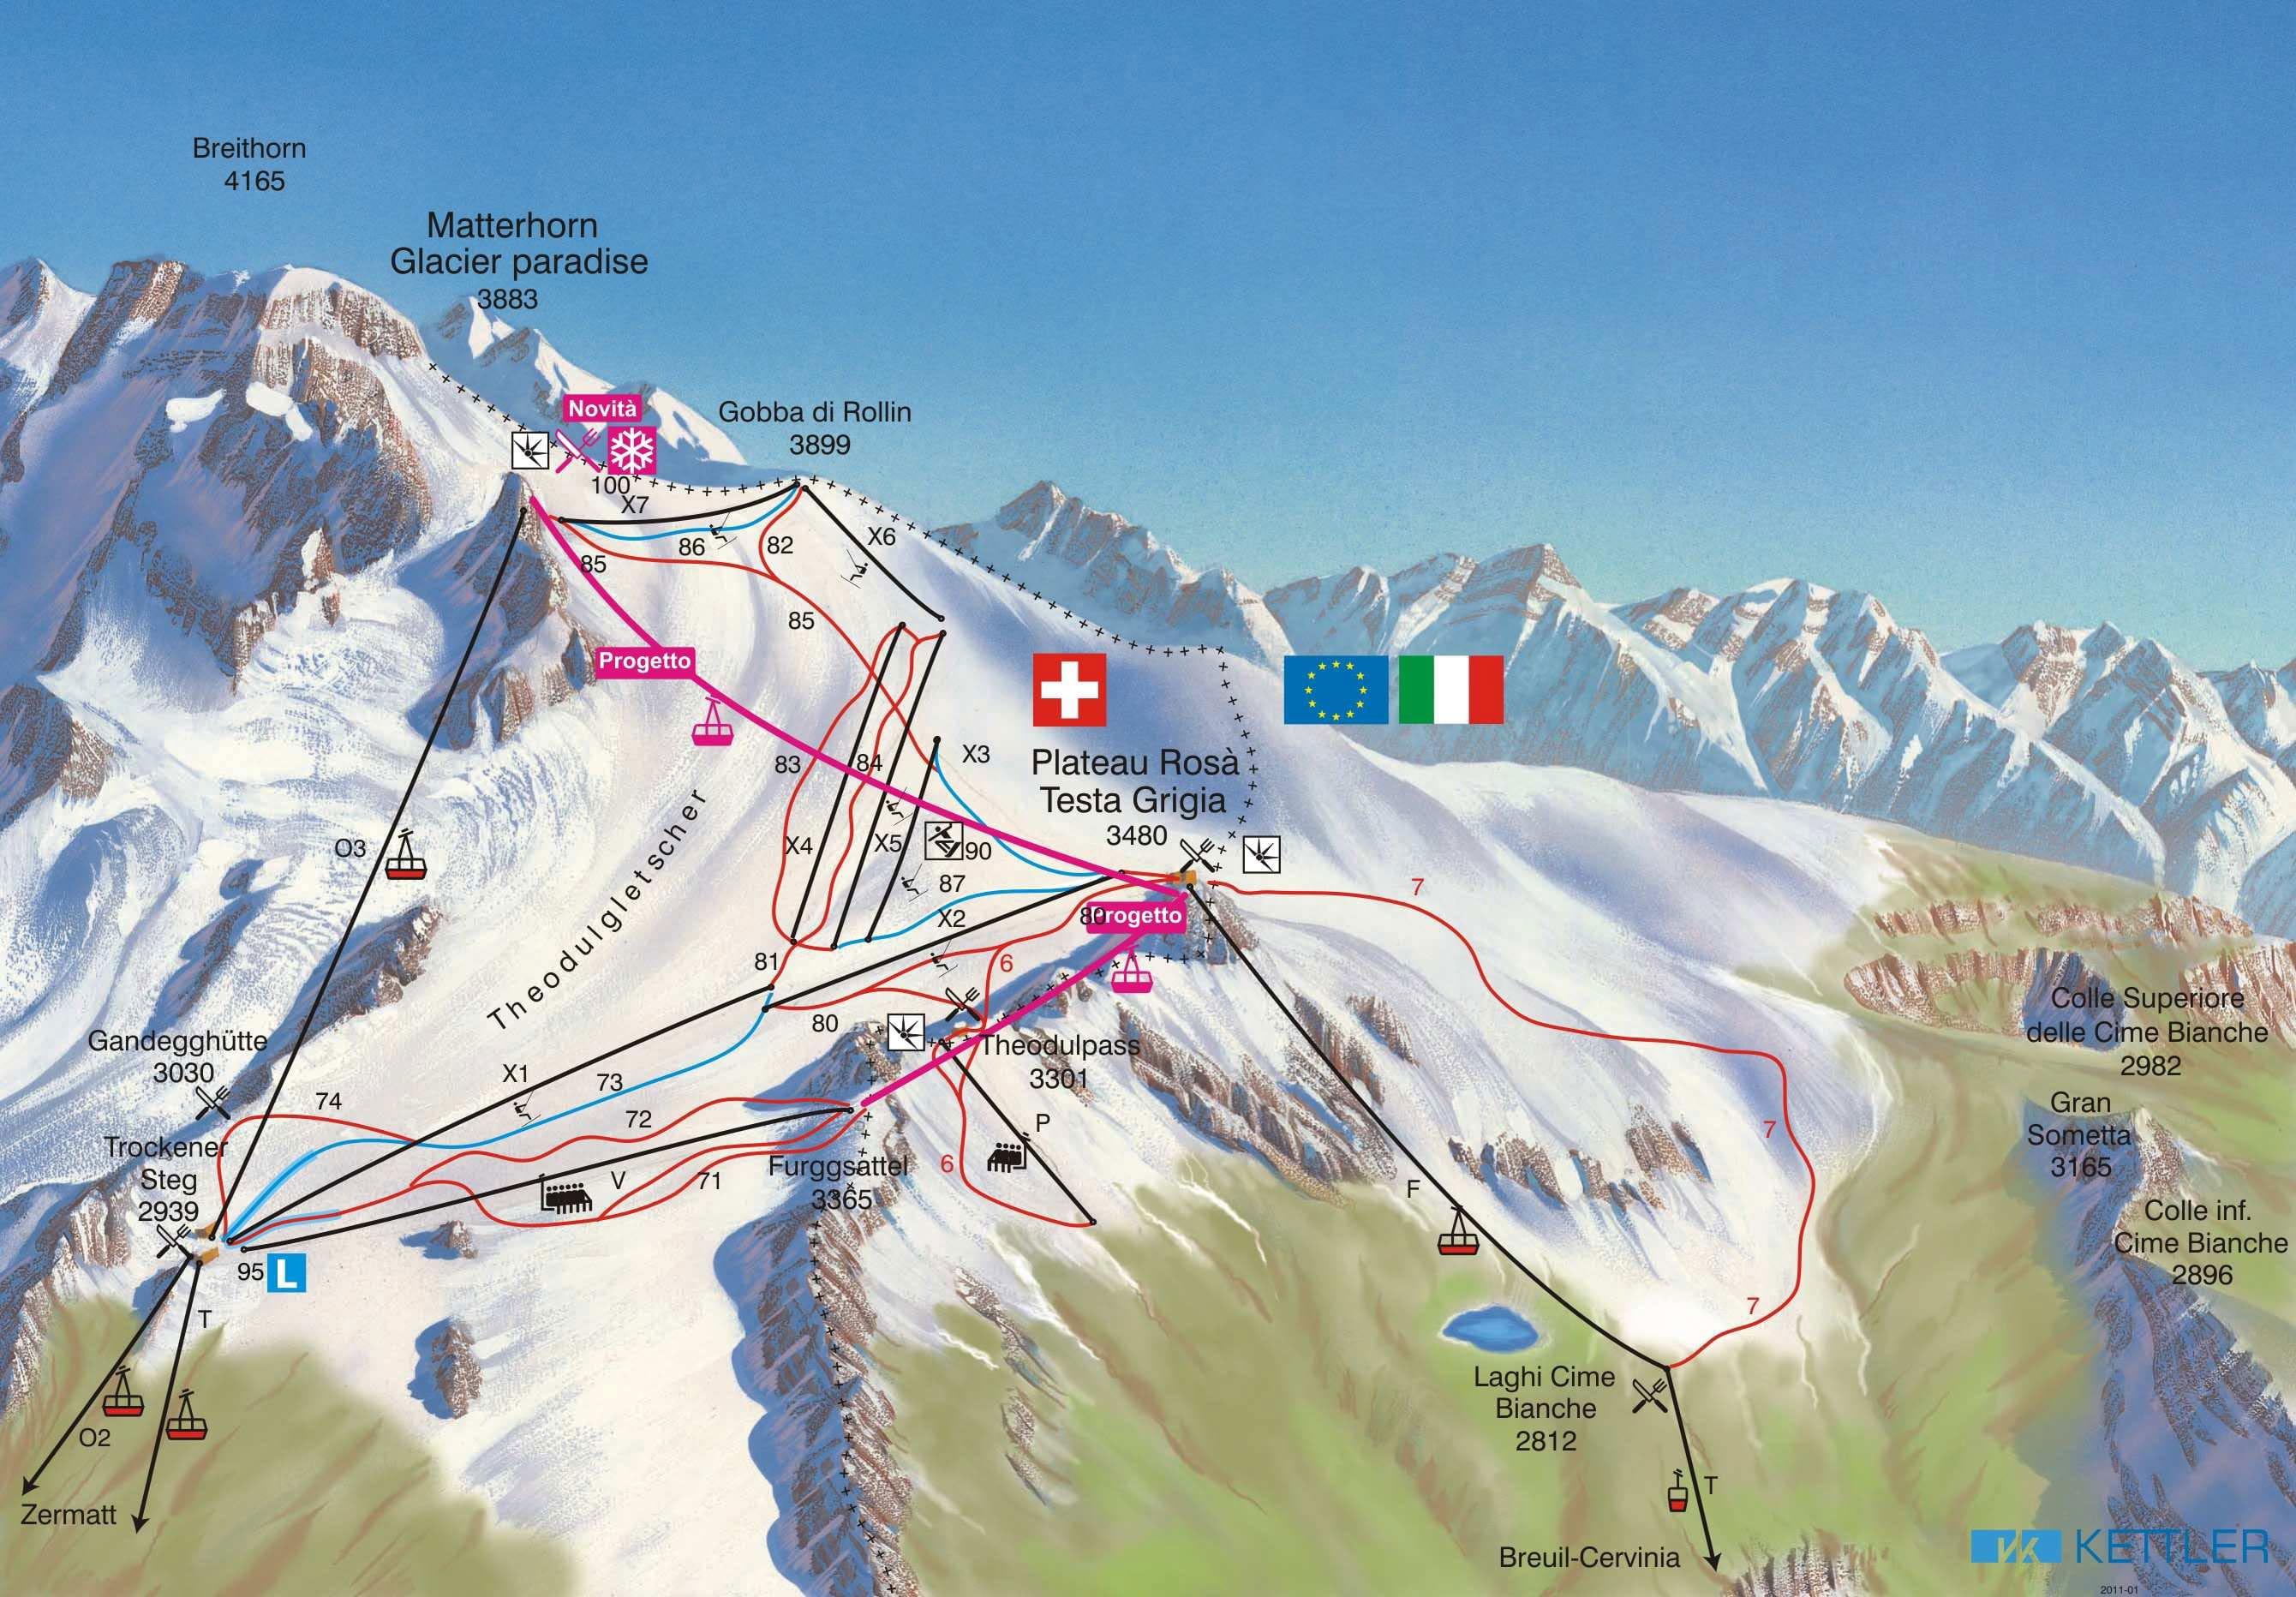 Zermatt Summer Skiing Piste Map Free downloadable piste maps. on